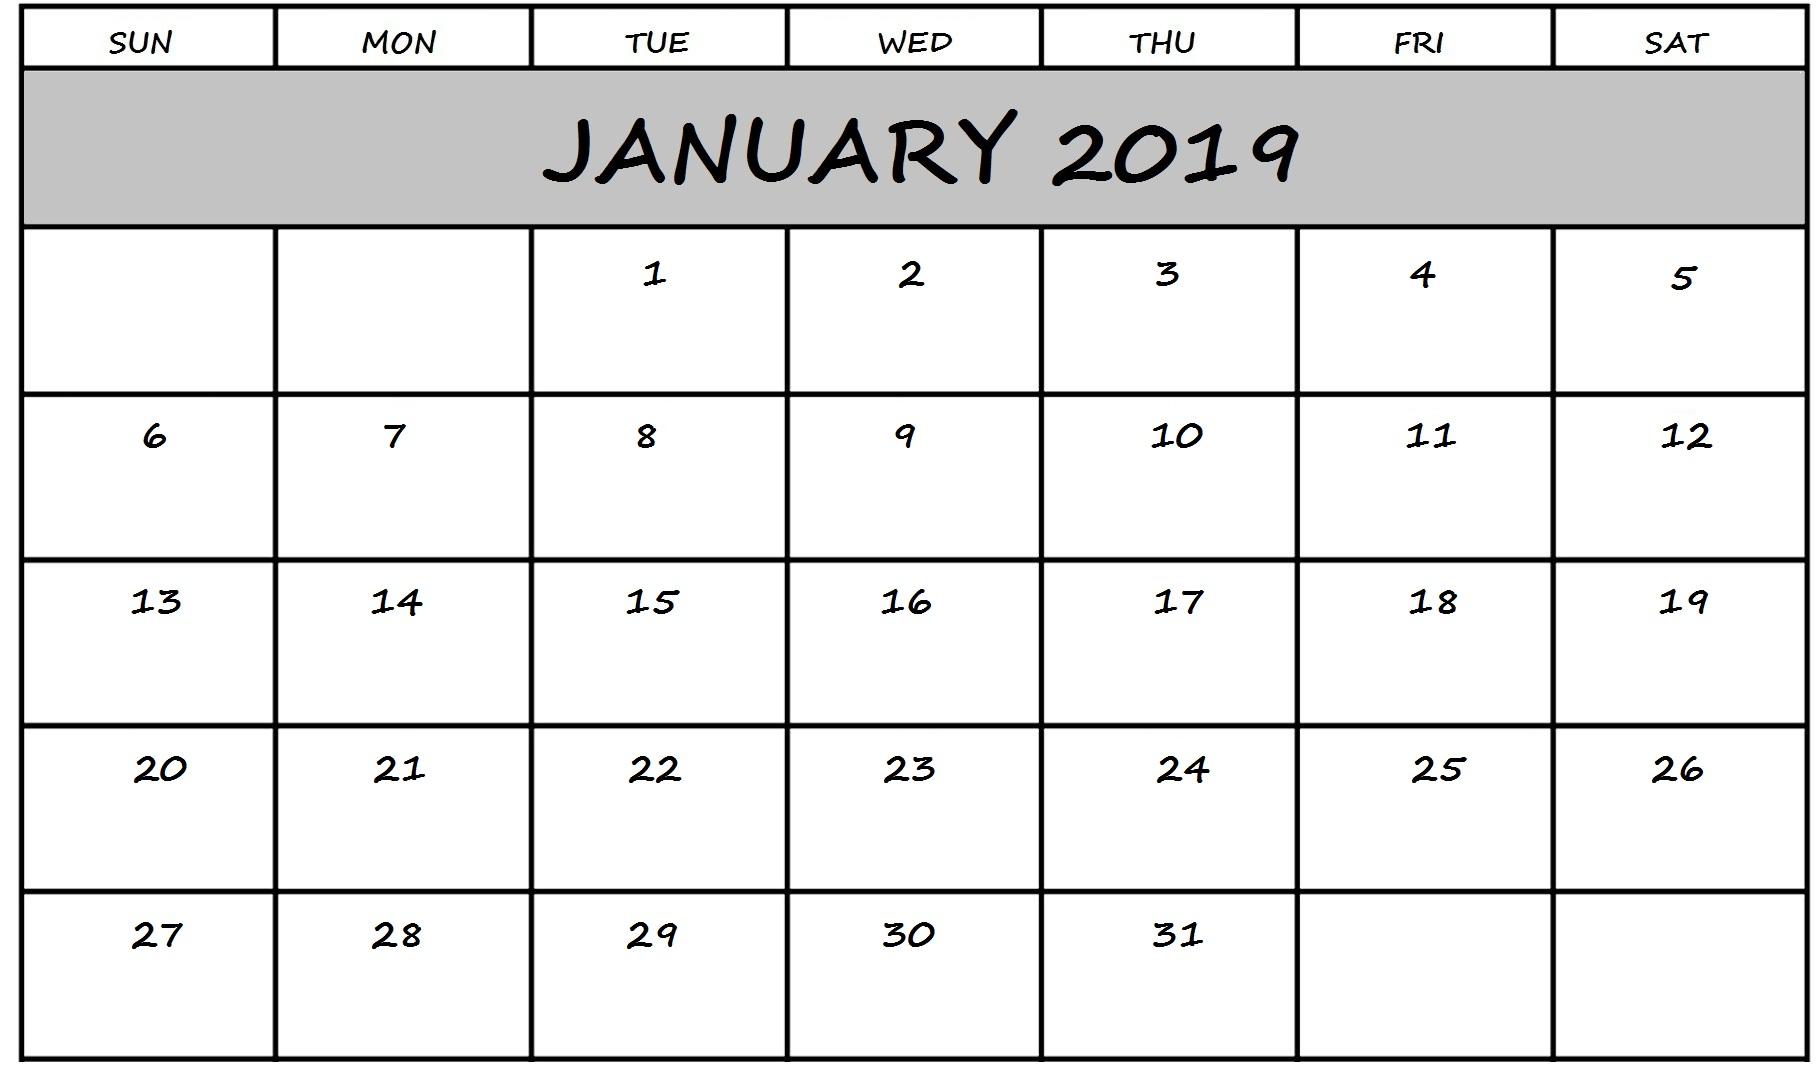 January 2019 Blank Editable Calendar